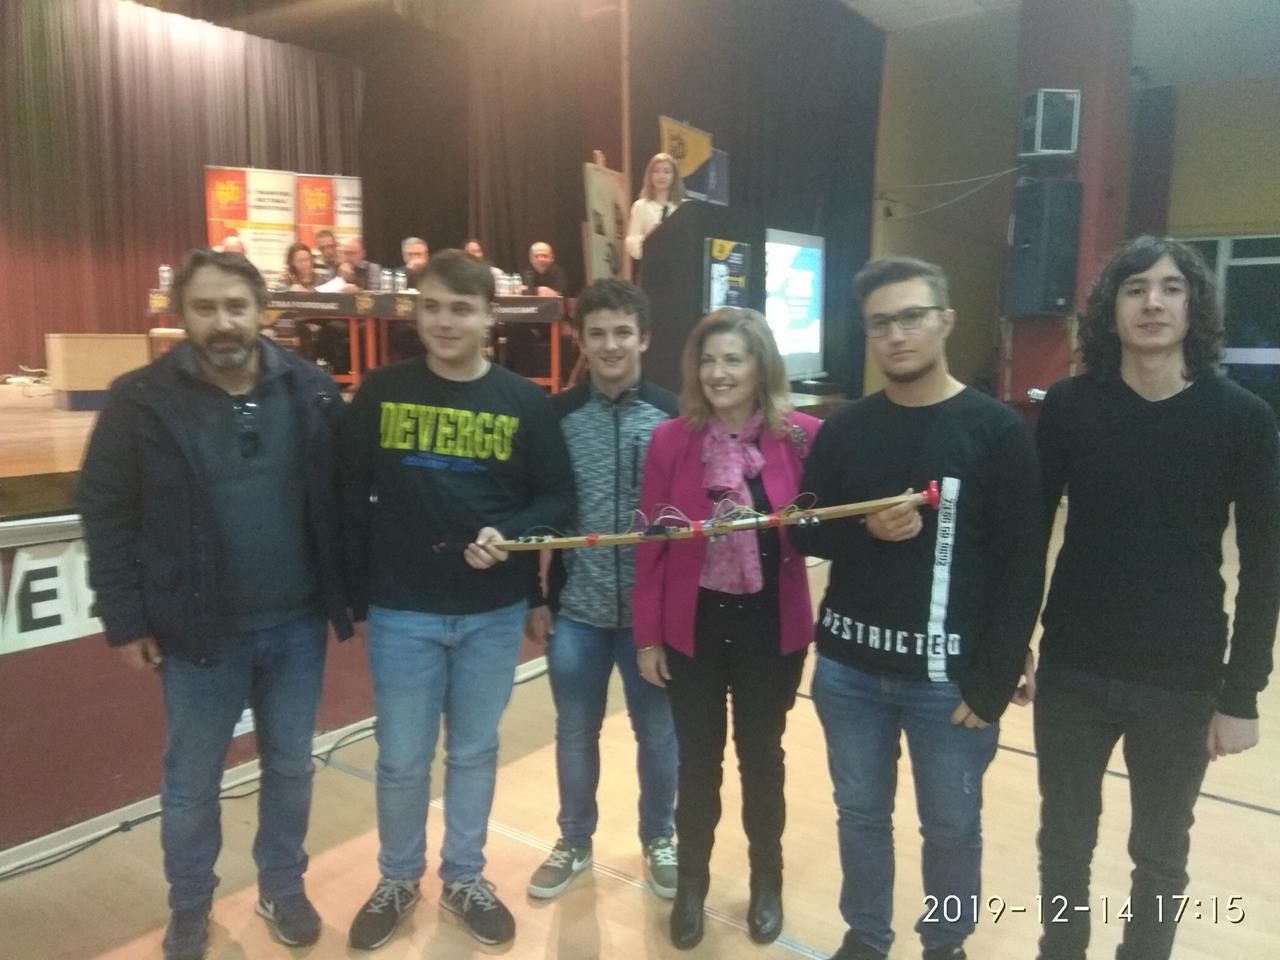 Συγχαρητήριο μήνυμα του δημάρχου Νέας Προποντίδας Μ. Καρρά στην ομάδα ρομποτικής ΓΕΛ Μουδανιών